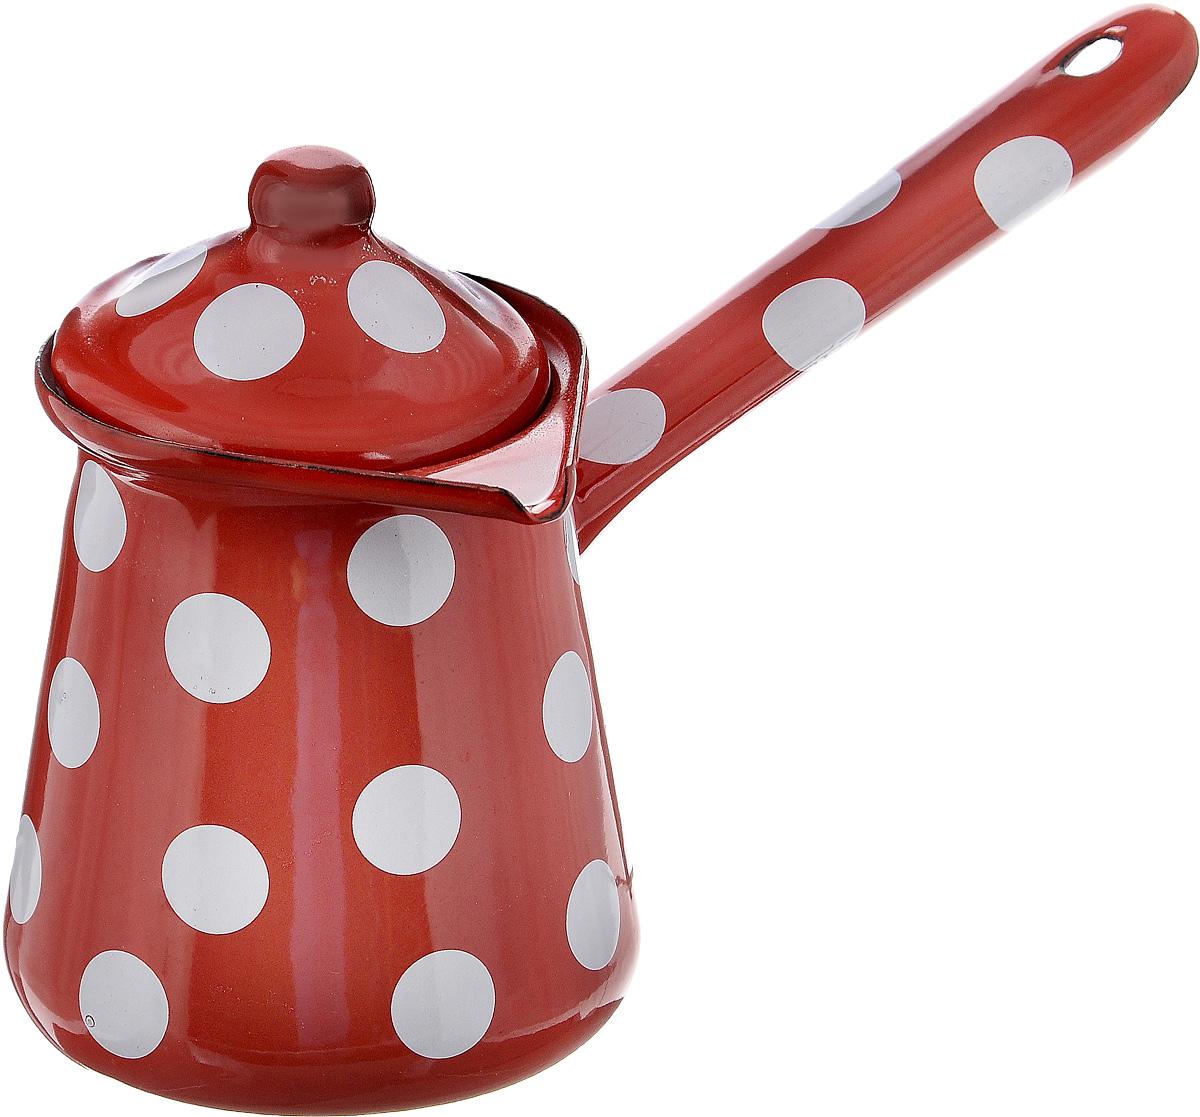 """Турка """"Calve"""", изготовленная из высококачественной стали с эмалированным покрытием, предназначена для приготовления кофе. Внешние стенки турки оформлены изящным принтом в горох. Изделие имеет широкое горлышко, специальный носик и крышку. Рукоятка снабжена специальным отверстием, благодаря которому изделие можно подвесить на крючок. Кофе в турке варится очень просто. Насыпьте молотый кофе, залейте водой и варите на слабом огне, не доводя до кипения. Чем дольше кофе варить, тем крепче он становится. Подходит для всех видов плит, включая индукционные.Диаметр турки (по верхнему краю): 8 см. Длина ручки: 12,5 см.Высота стенки: 10,5 см."""